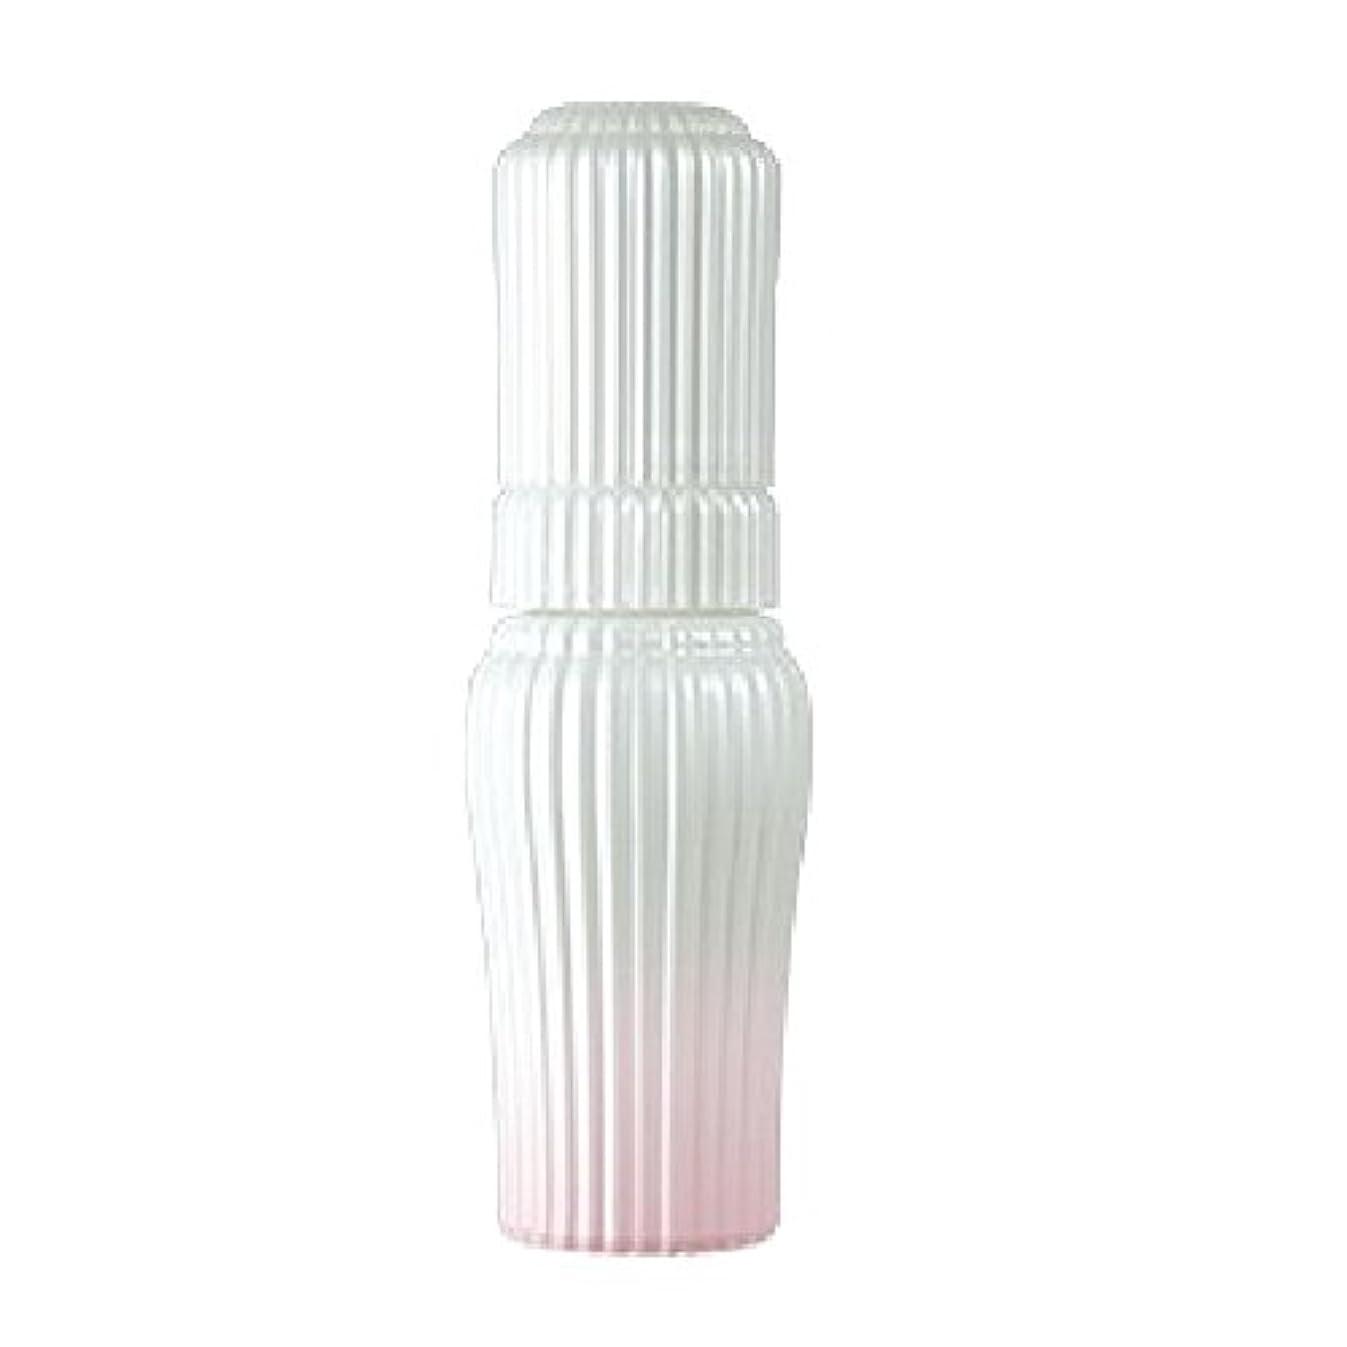 ブランド広く険しいアユーラ (AYURA) fサインディフェンス ホワイトニングセラム(医薬部外品) 40mL 〈敏感肌用 美白 美容液〉 薬用美白液